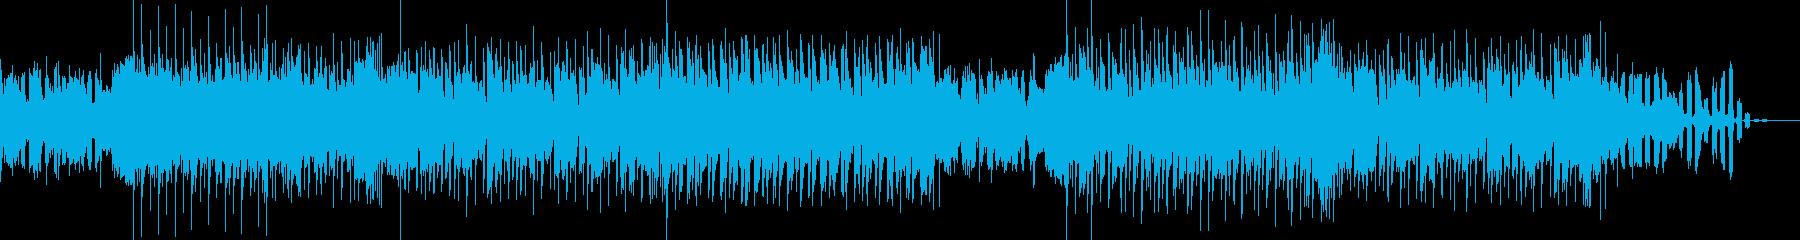 爽やかなリード音が印象的なカッコイイ曲の再生済みの波形